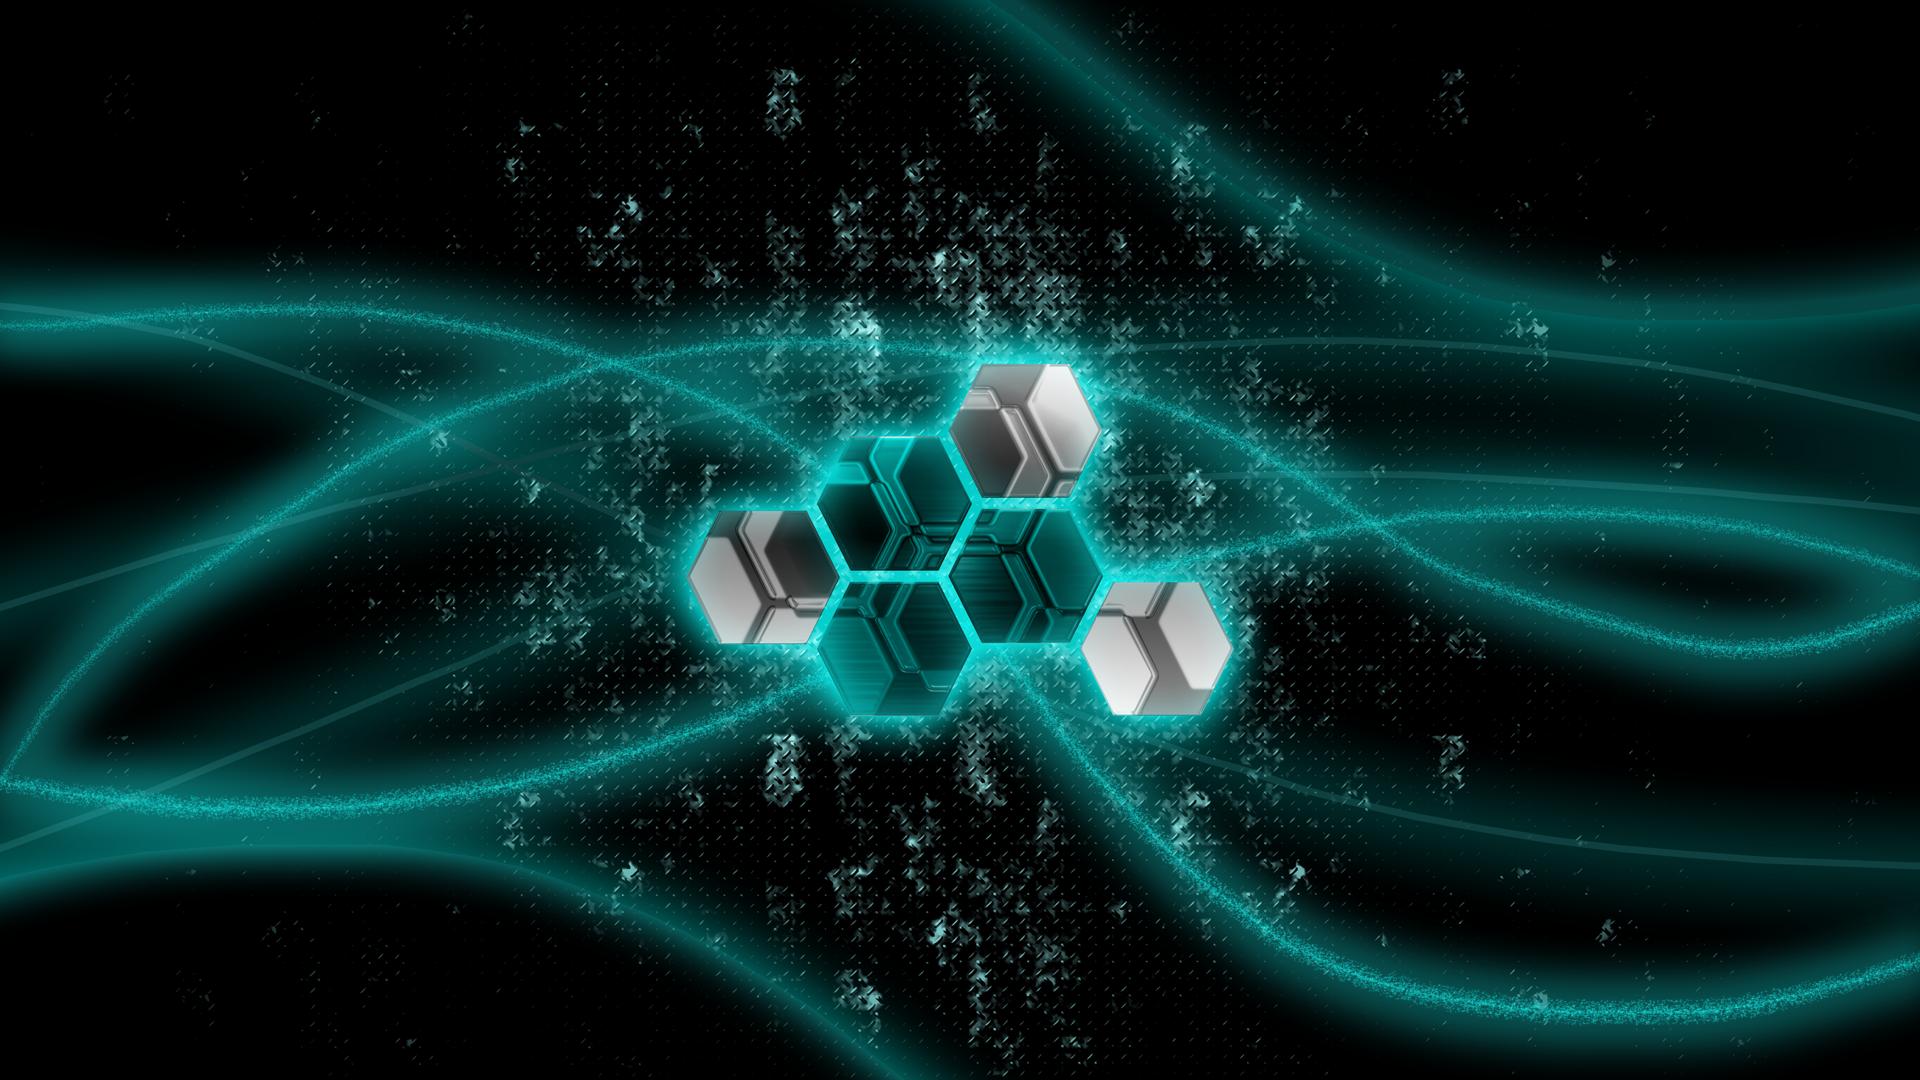 Science Wallpapers For Desktop wallpaper   1189529 1920x1080